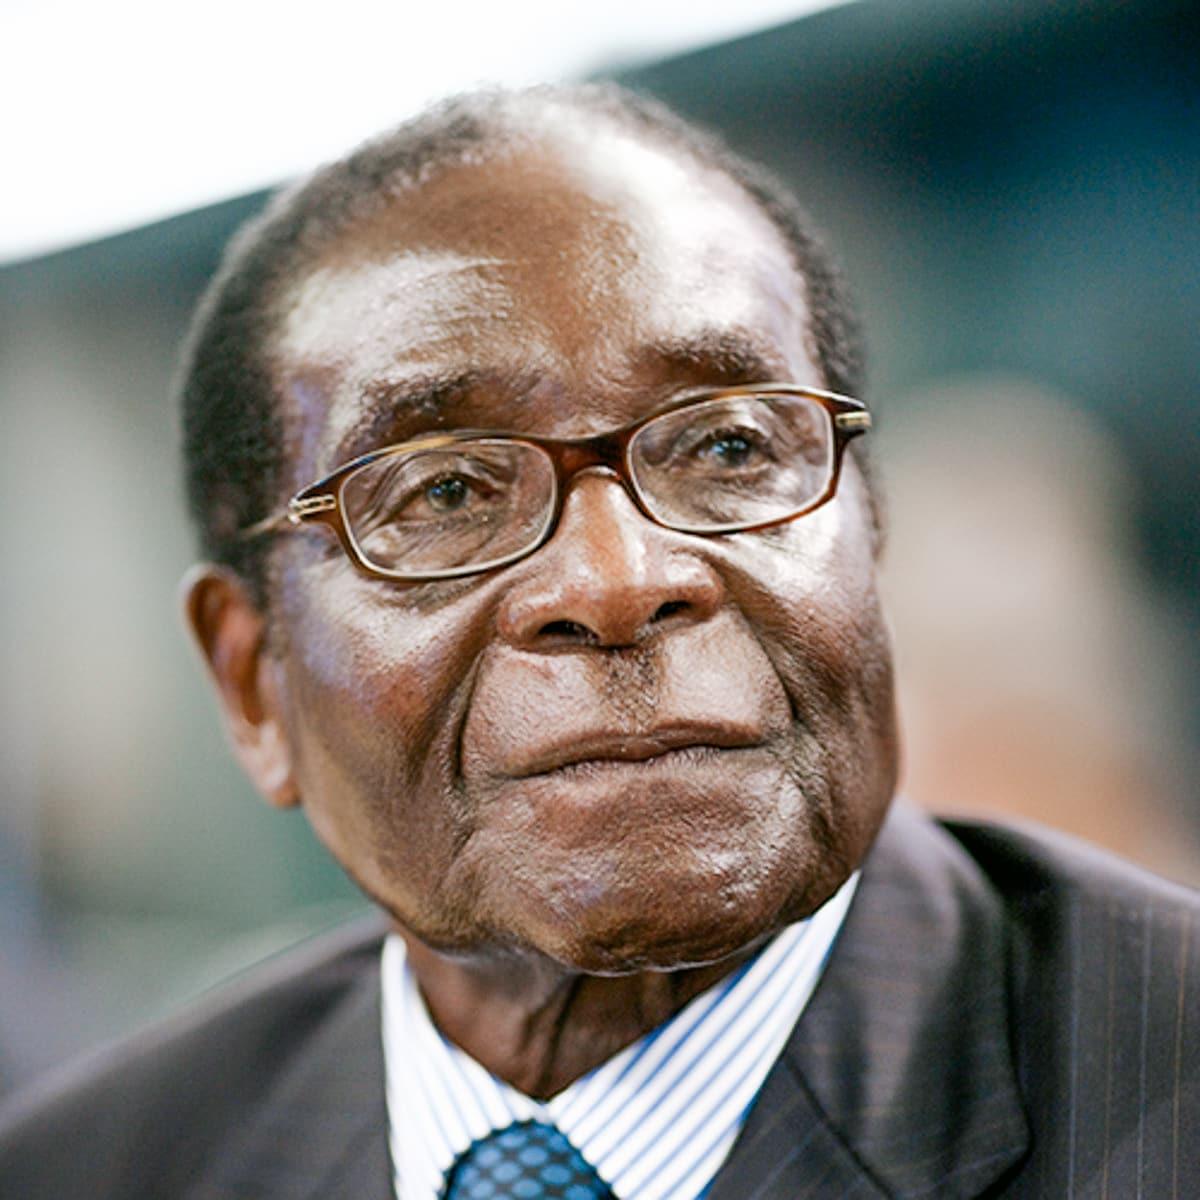 Héritage de Robert Mugabe: sa famille a-t-elle tout déclaré?